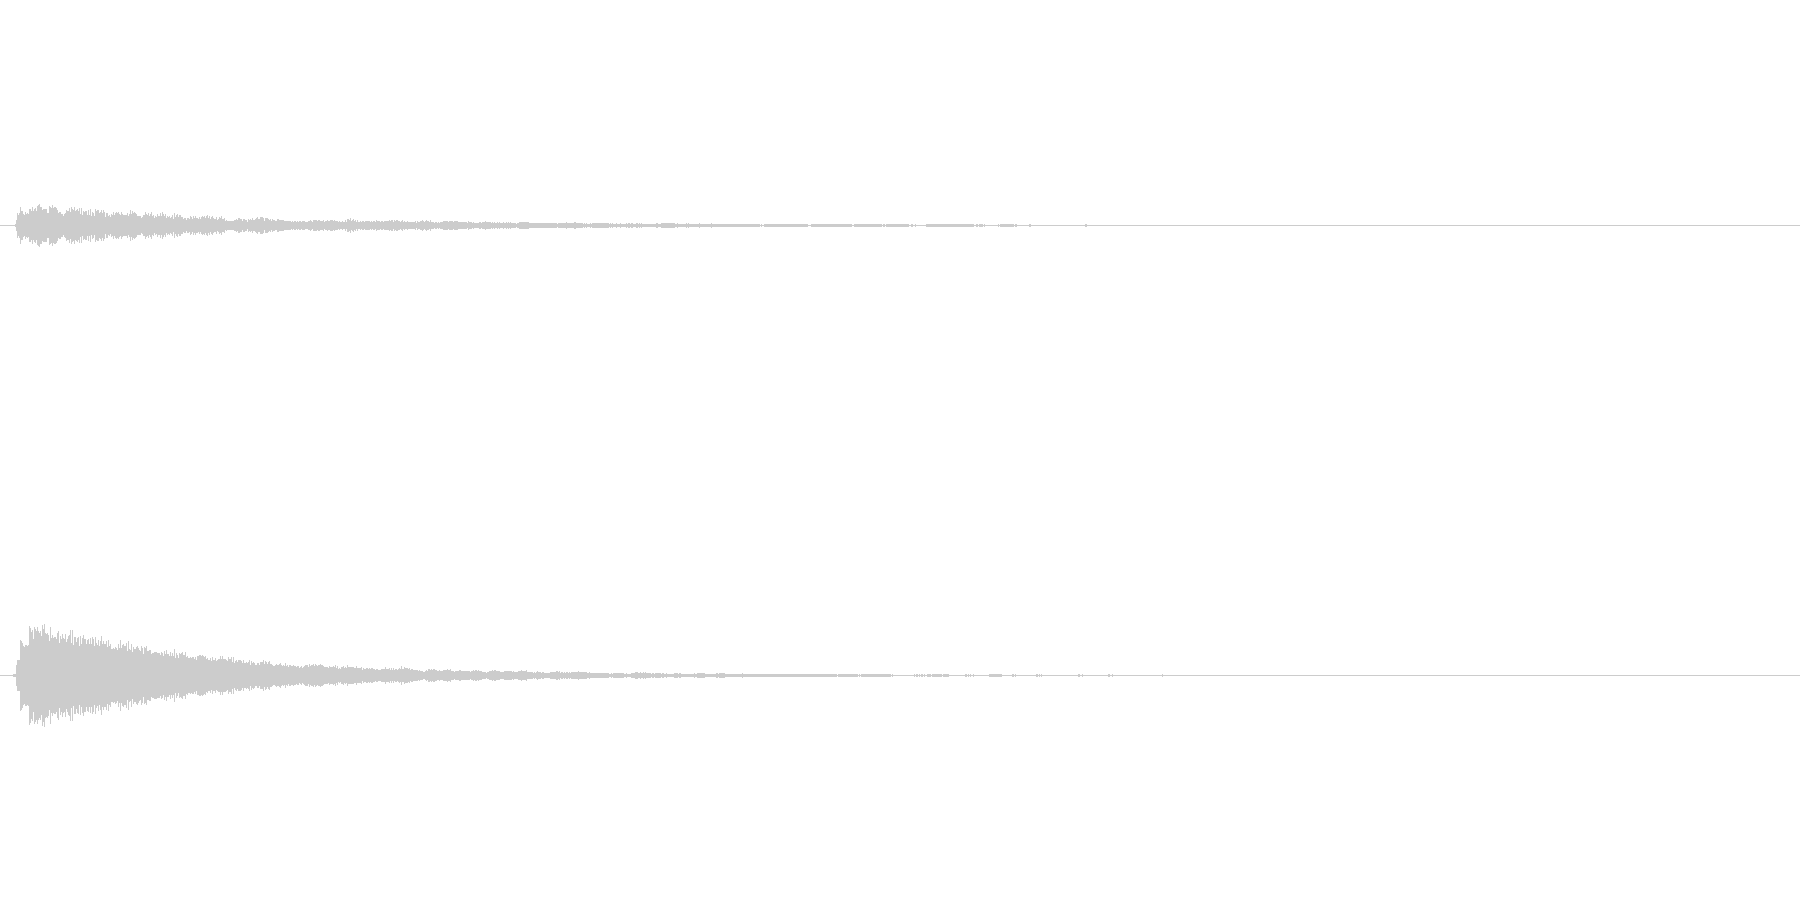 サウンドロゴ(企業ロゴ)_014の未再生の波形